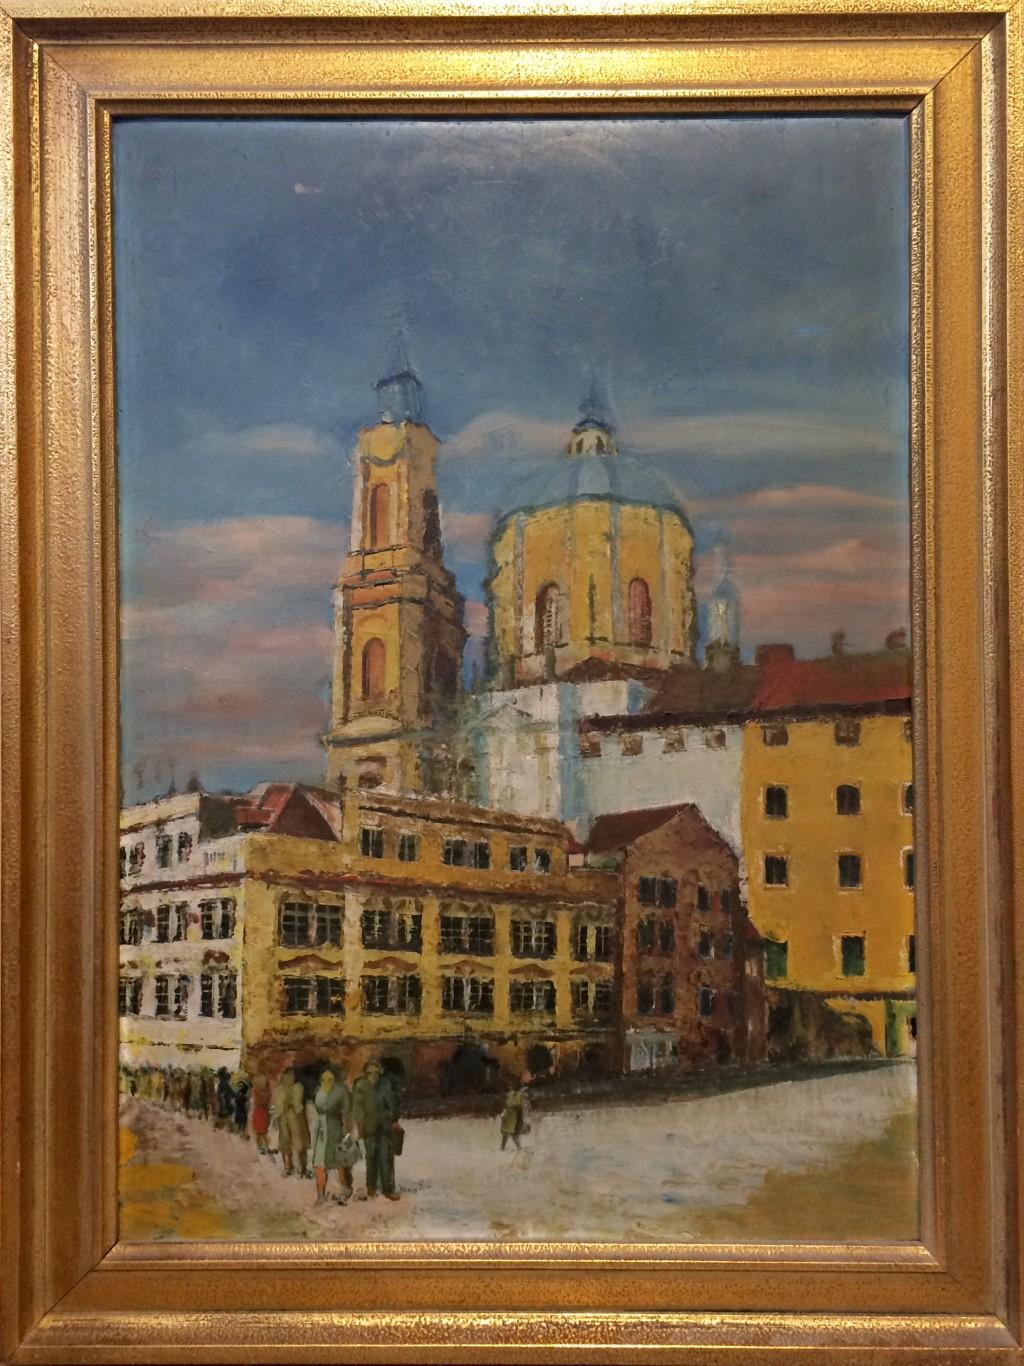 Neznámý autor  : Malostranské náměstí s kostelem sv. Mikuláše